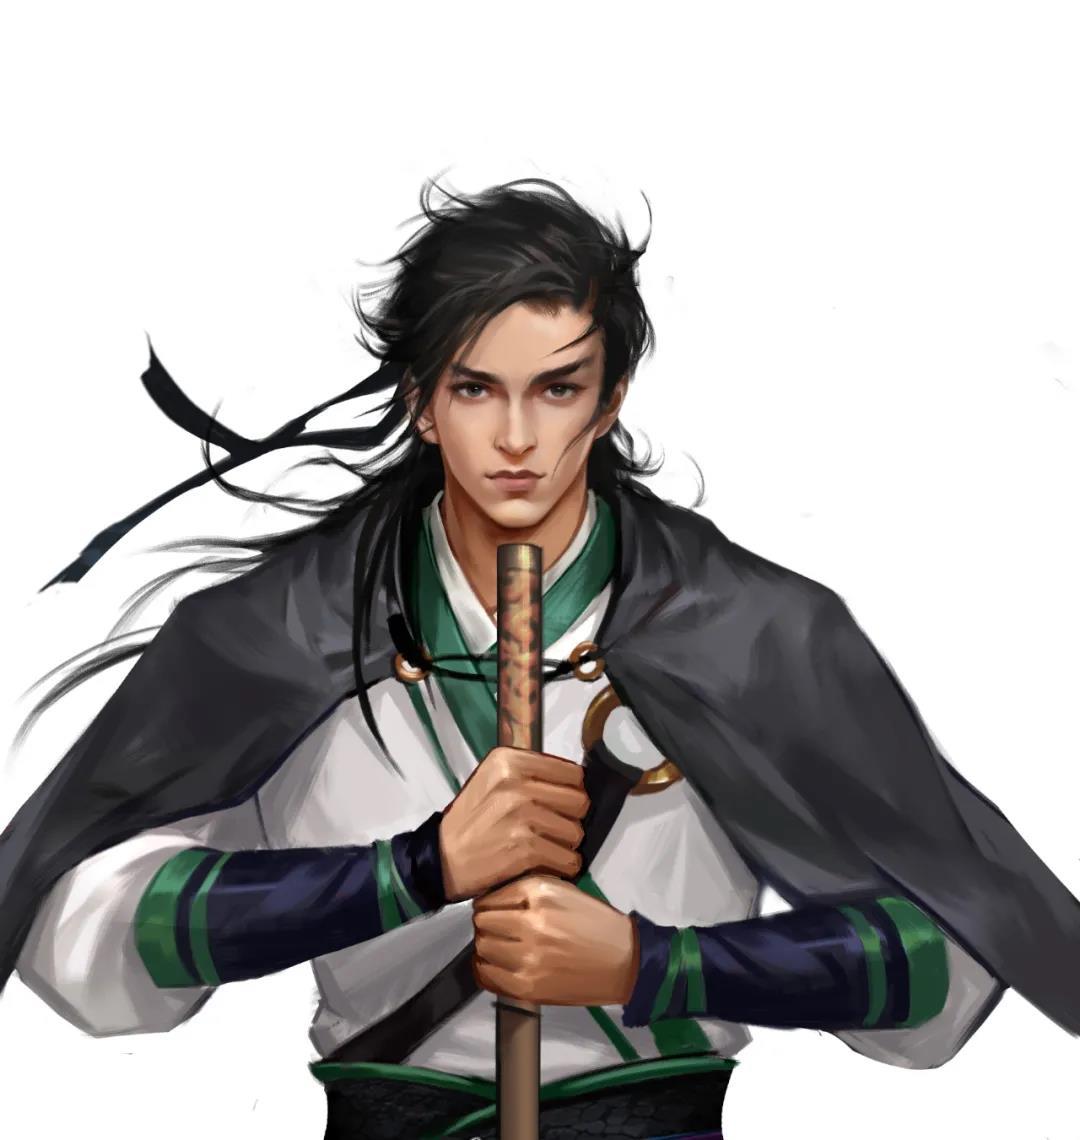 我的侠客铸剑山庄长老亲传弟子轩辕即将登场 我的侠客铸剑山庄轩辕介绍